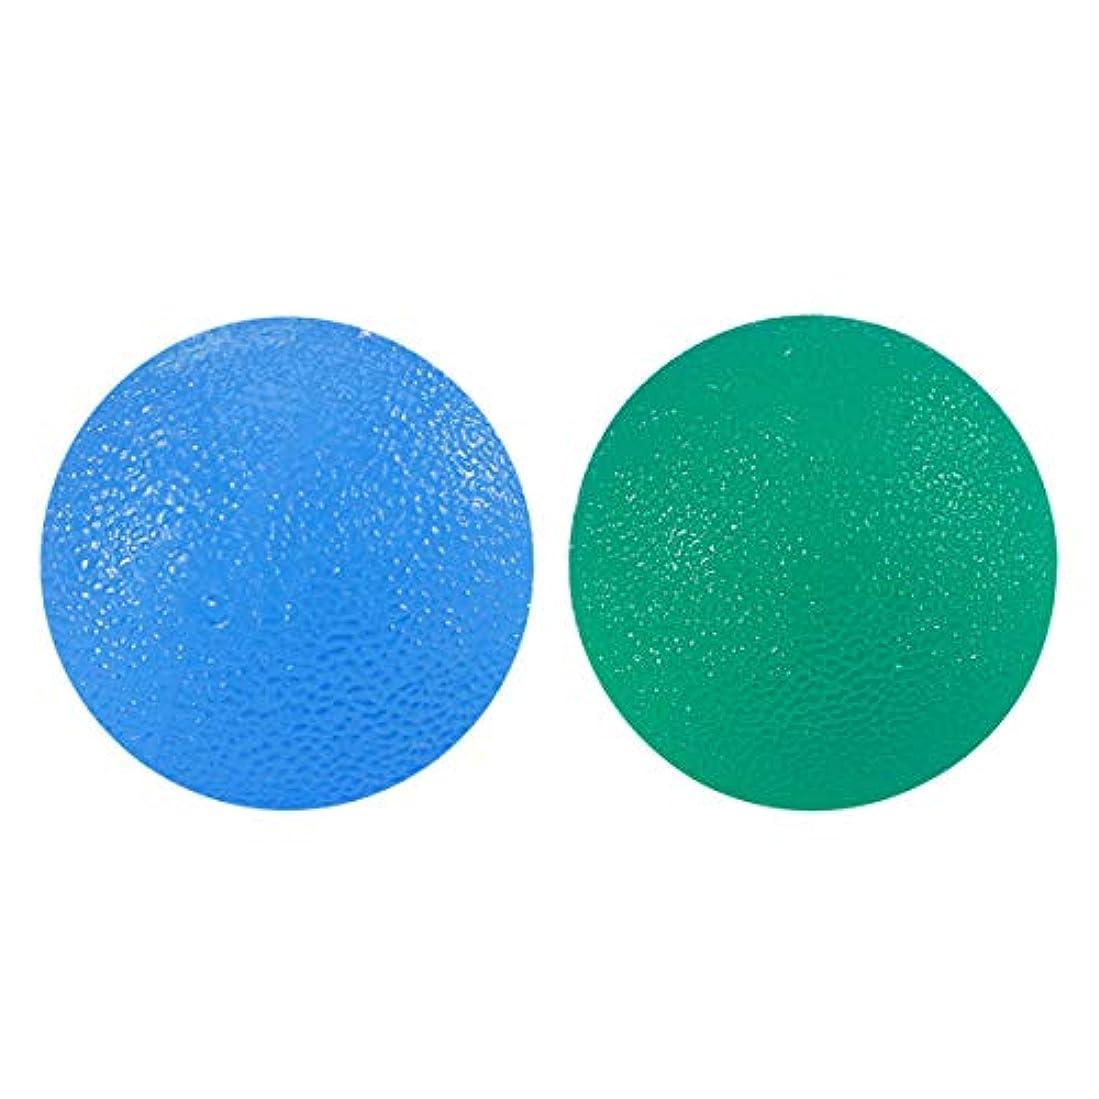 に対処するノイズ抜け目のないHEALIFTY 2本の中国の健康運動マッサージボールのストレスは、手の運動(緑と青)